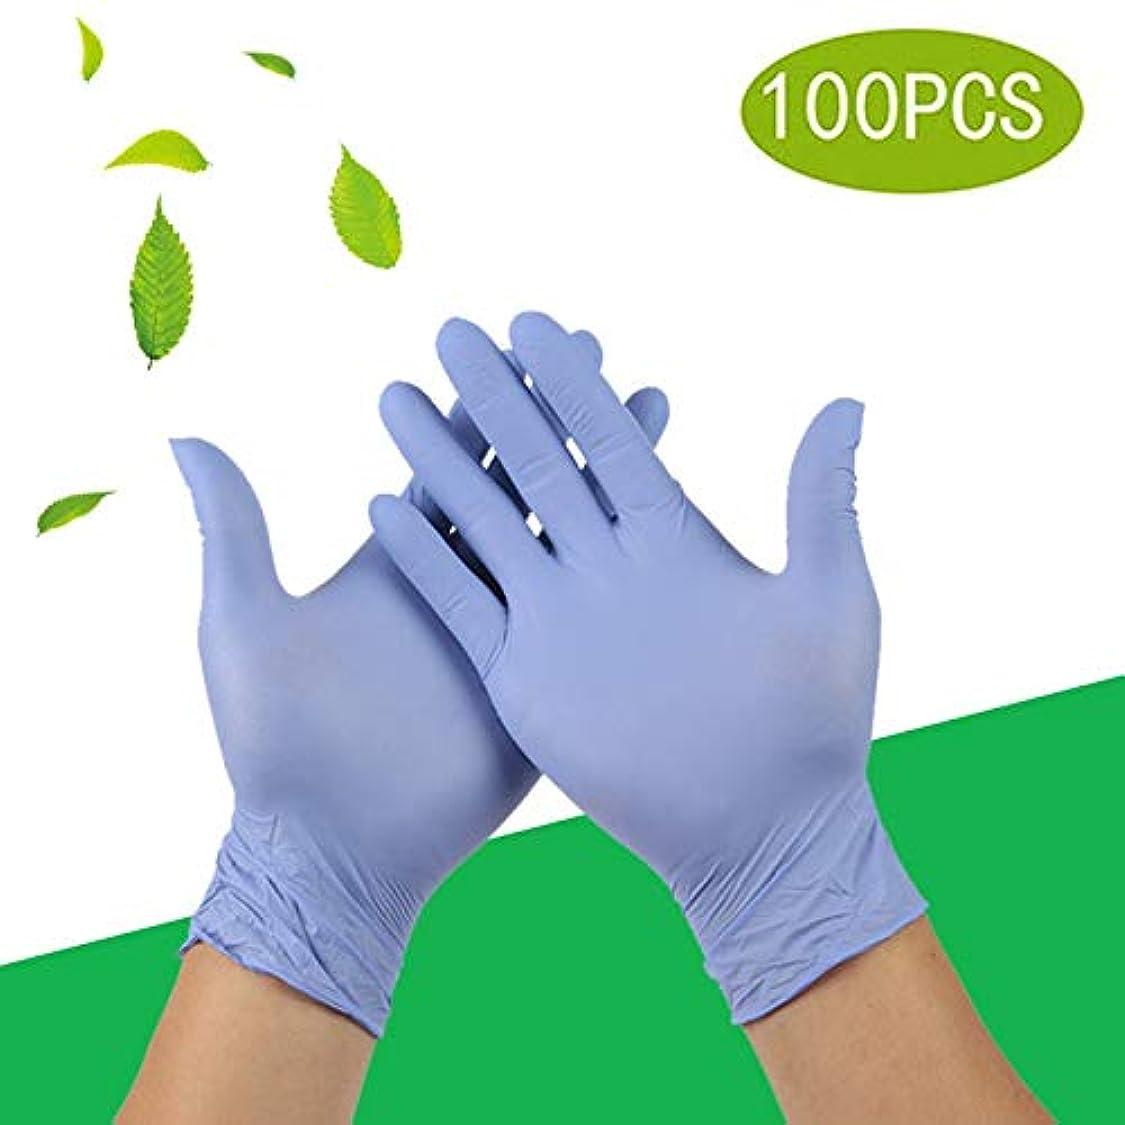 剣豊富に原理使い捨て手袋軽量9インチパウダーフリーラテックスフリーライト作業クリーニング園芸医療グレード入れ墨医療検査手袋100倍 (Color : Blue, Size : M)